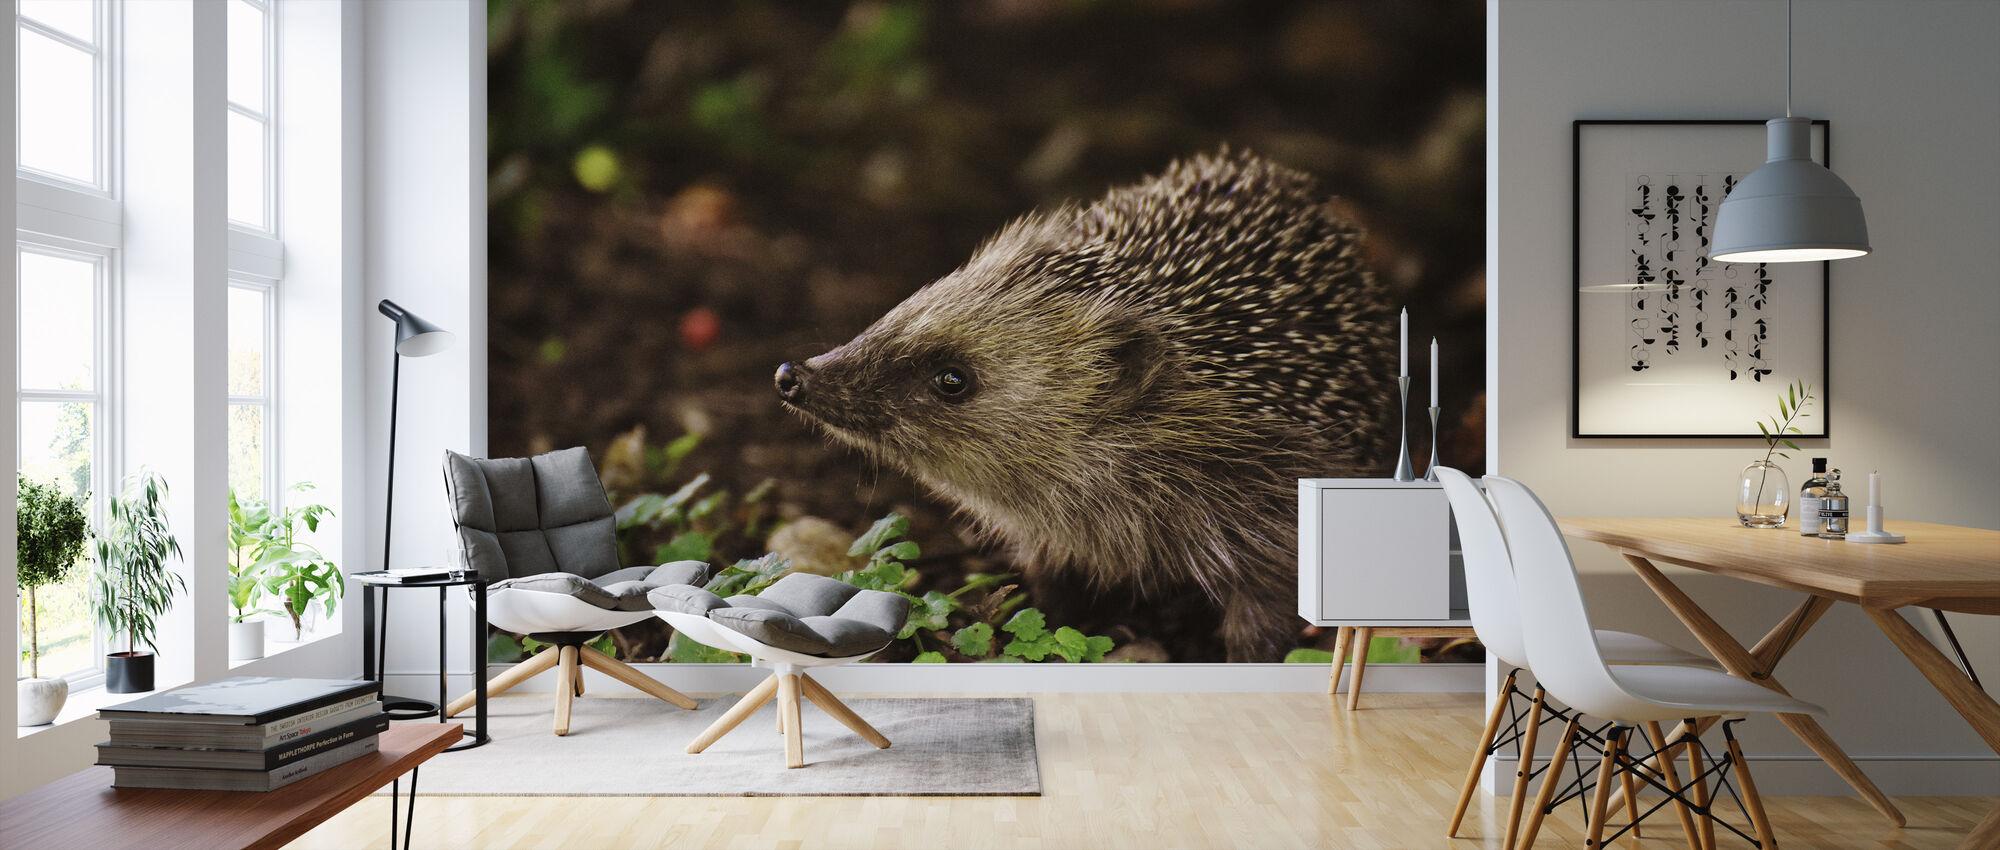 Curious Hedgehog - Wallpaper - Living Room